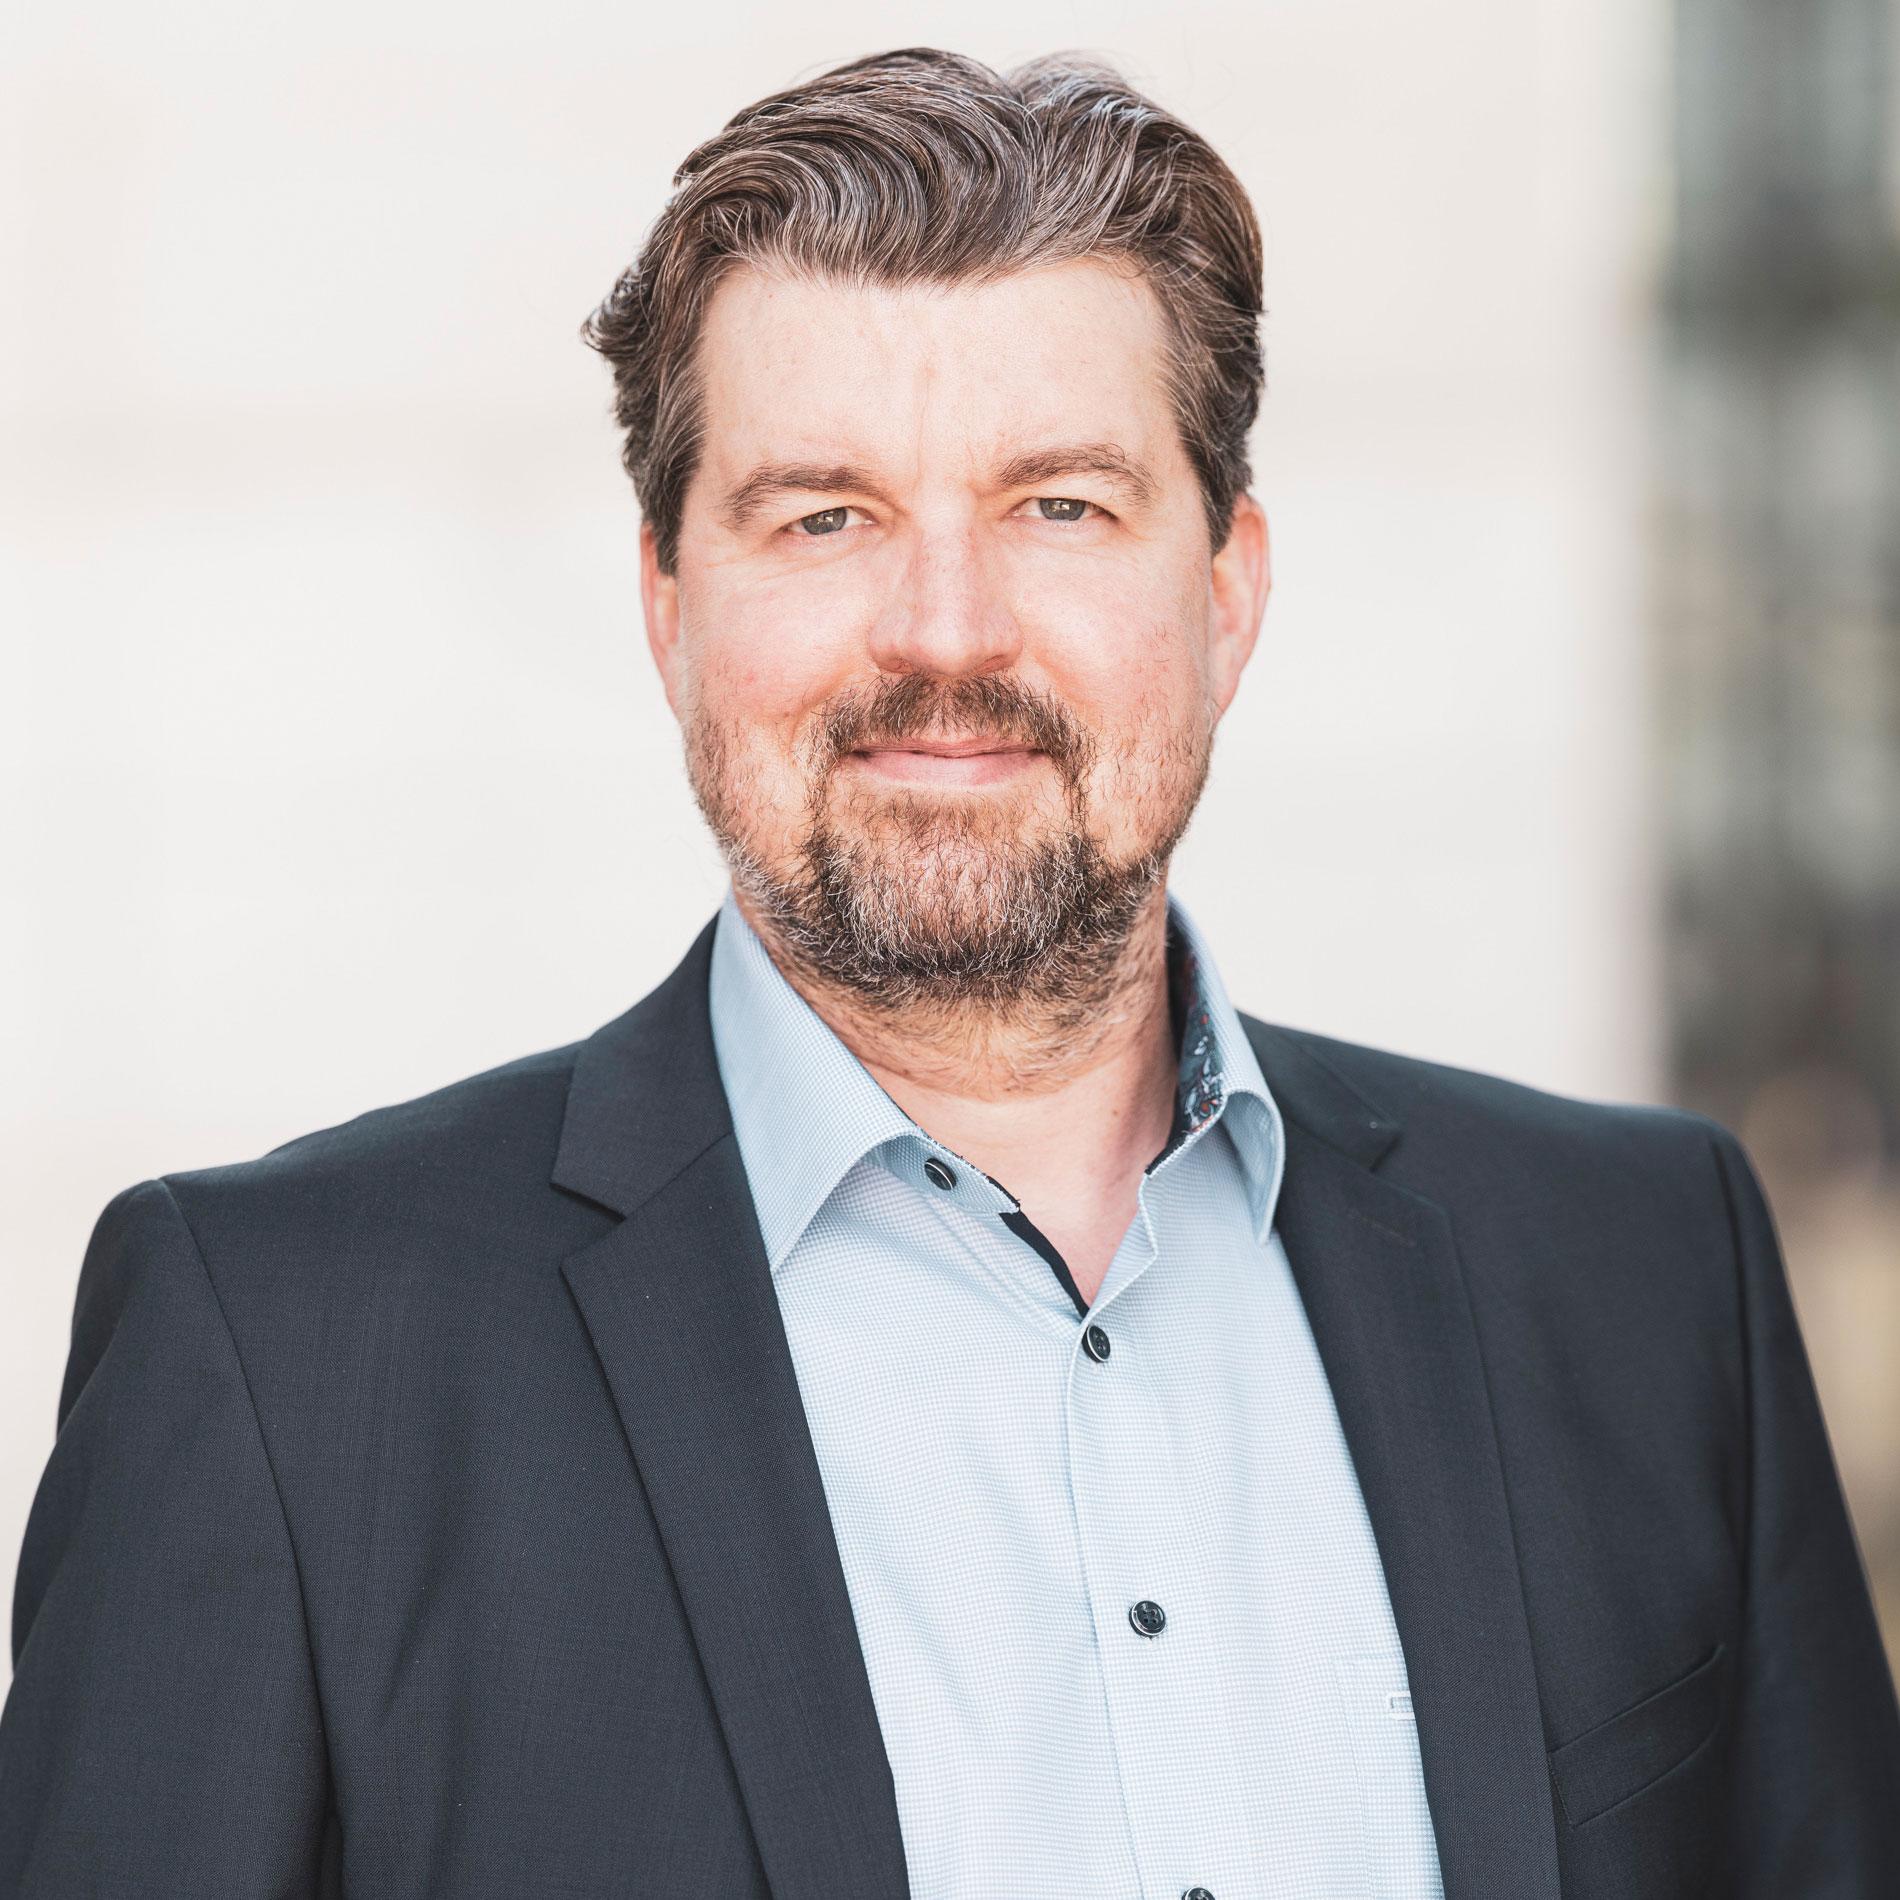 Maik Weiss